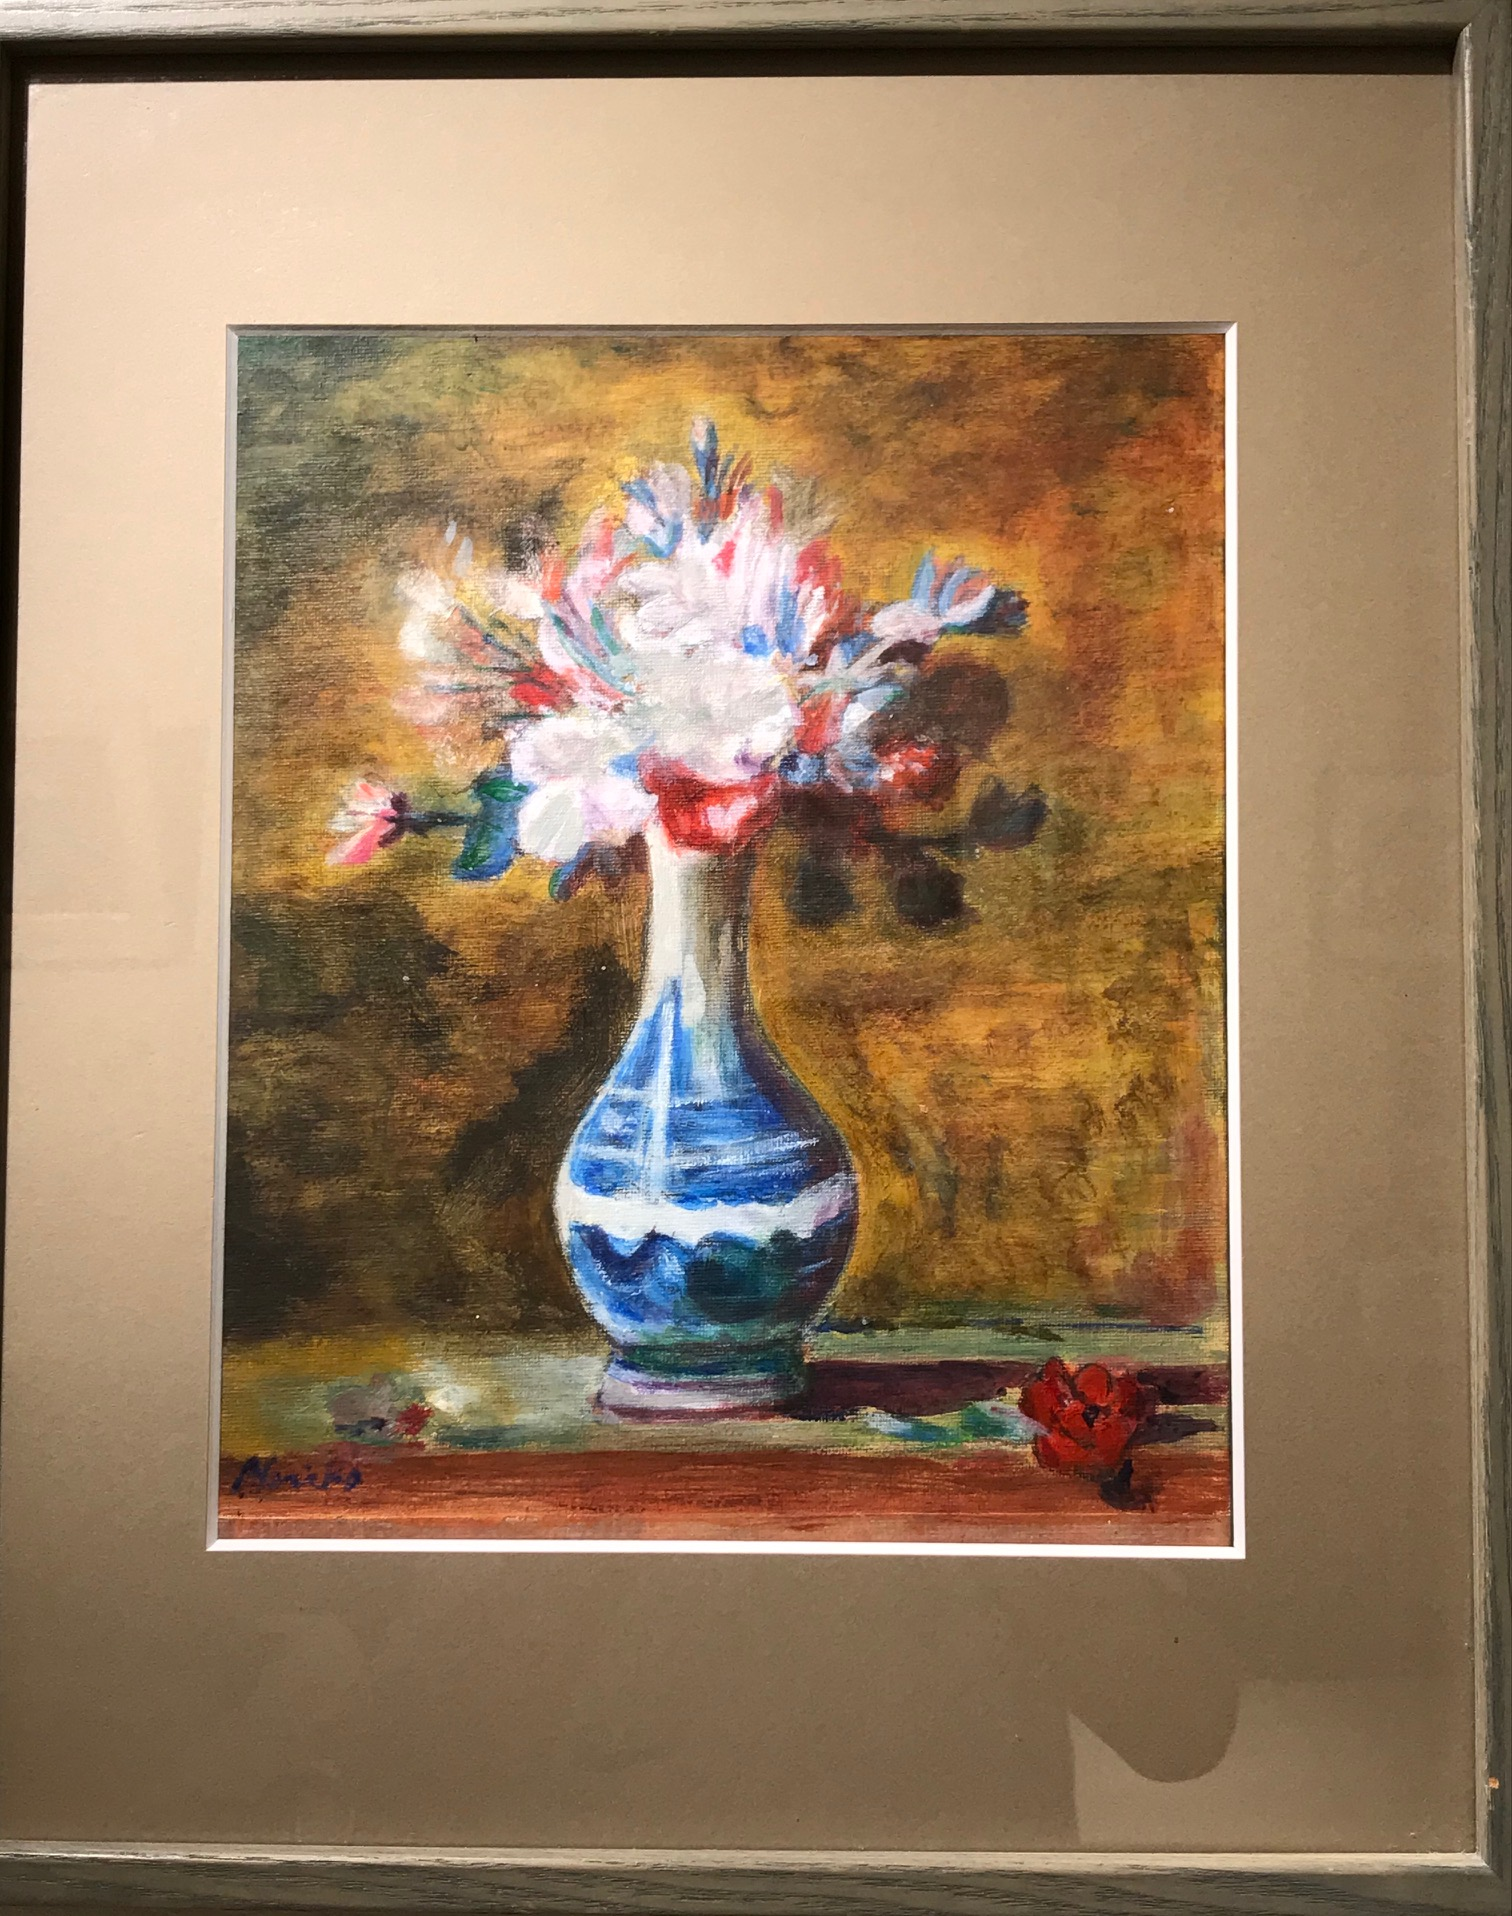 情野伯子「シャルダン『白い花瓶の花』より」F4